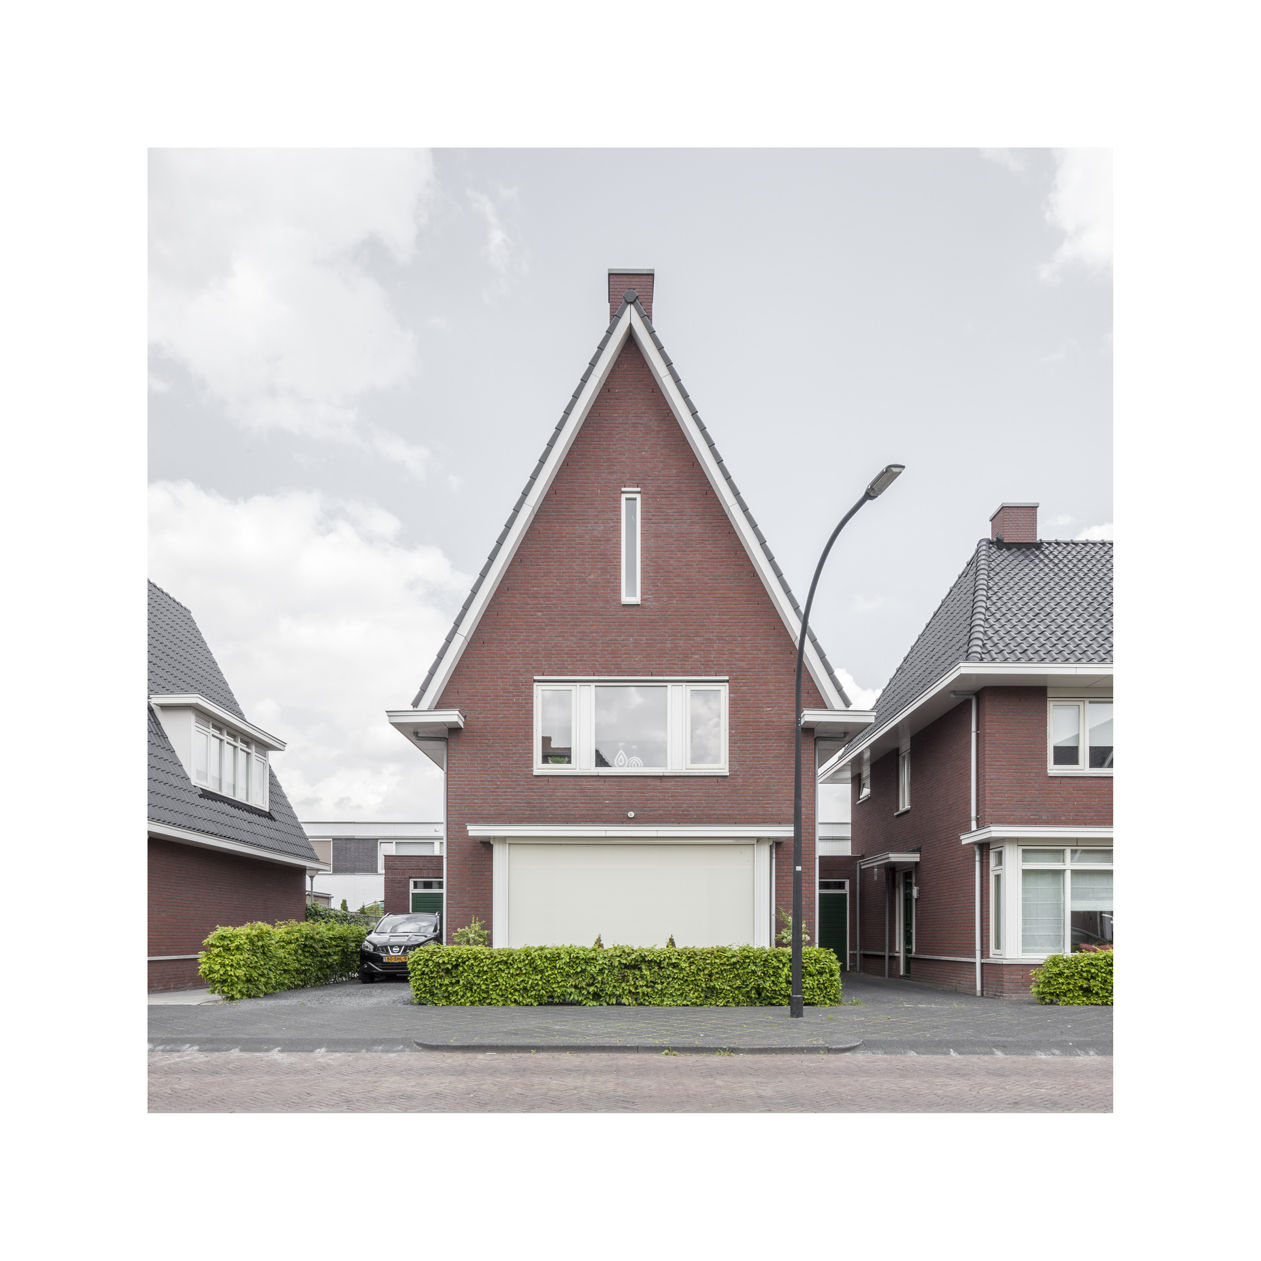 Koolhoven (Tilburg, NL)